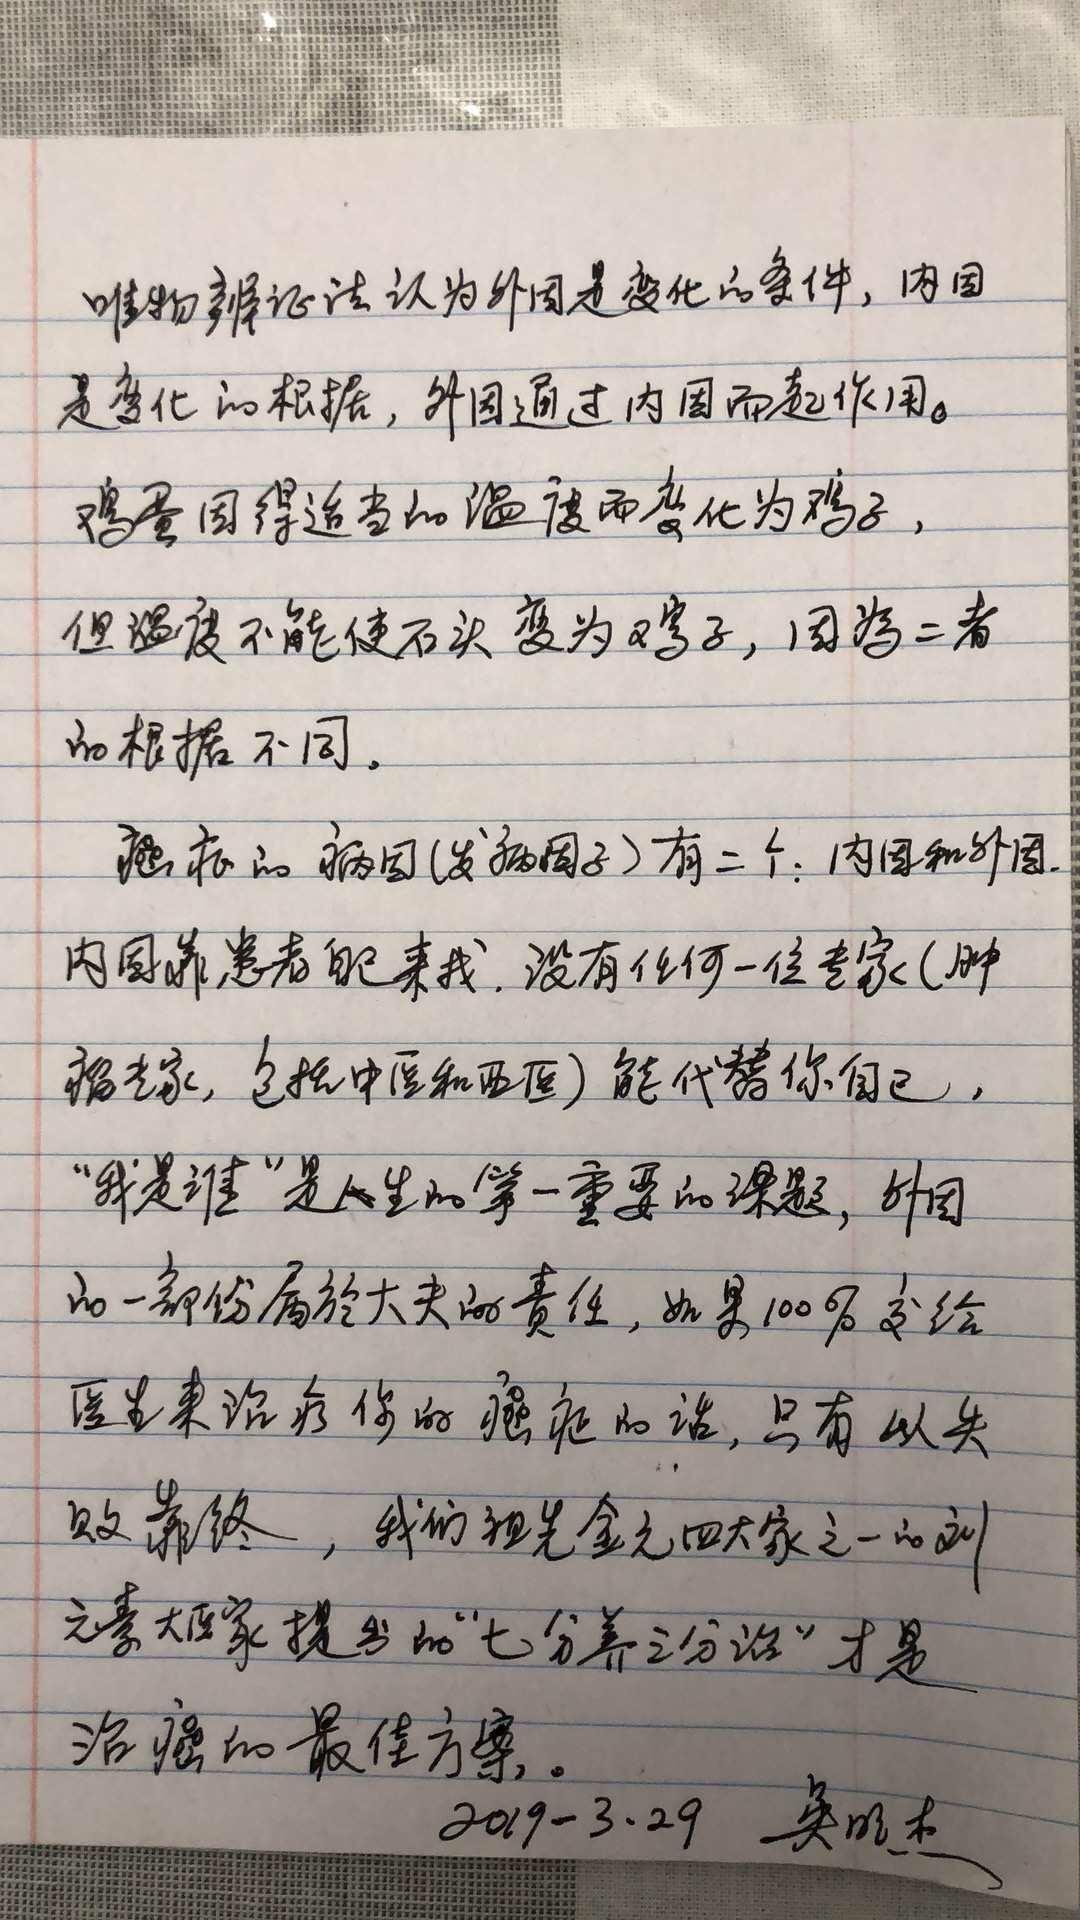 吴明杰唯物辨证法.JPG